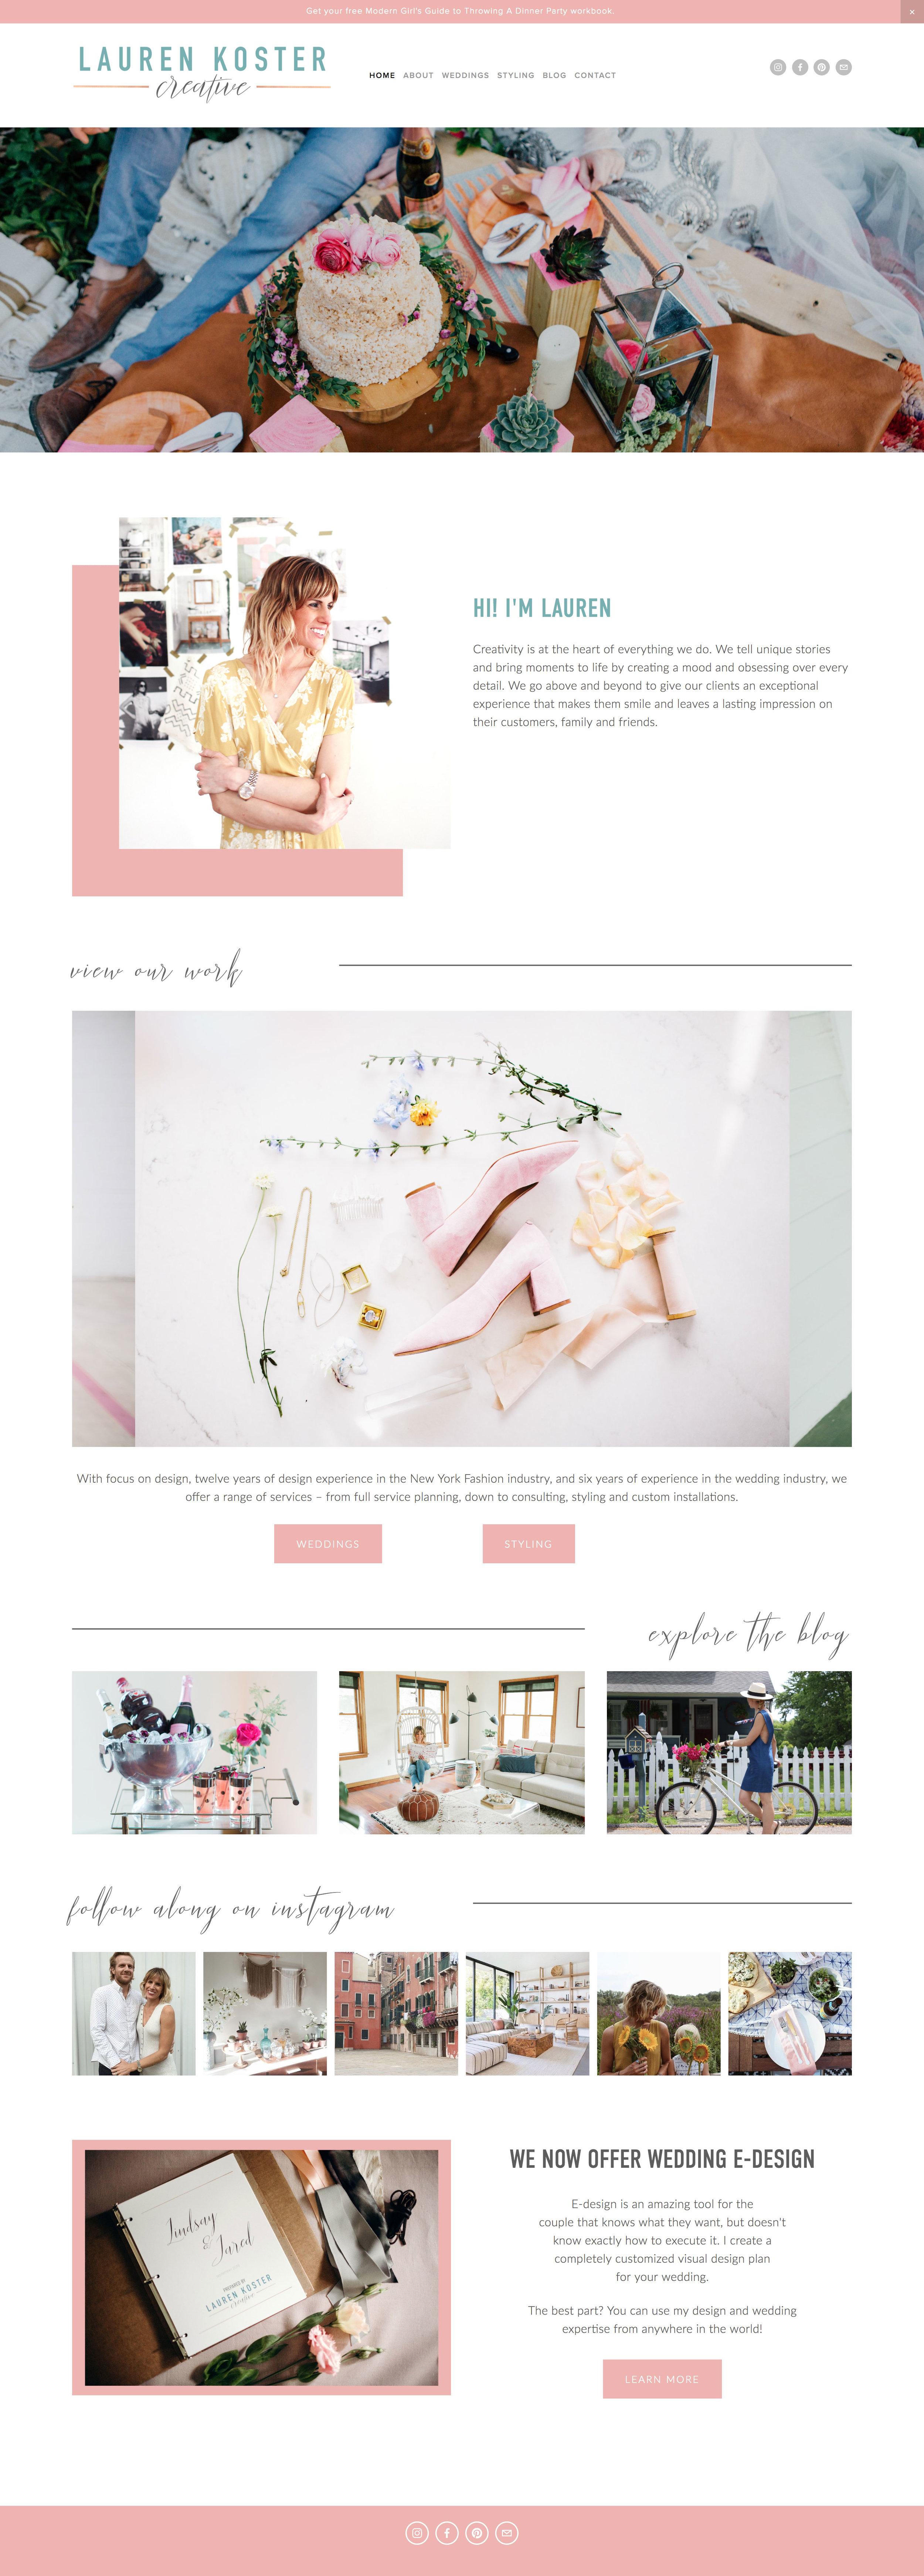 LKC-website-after.jpg